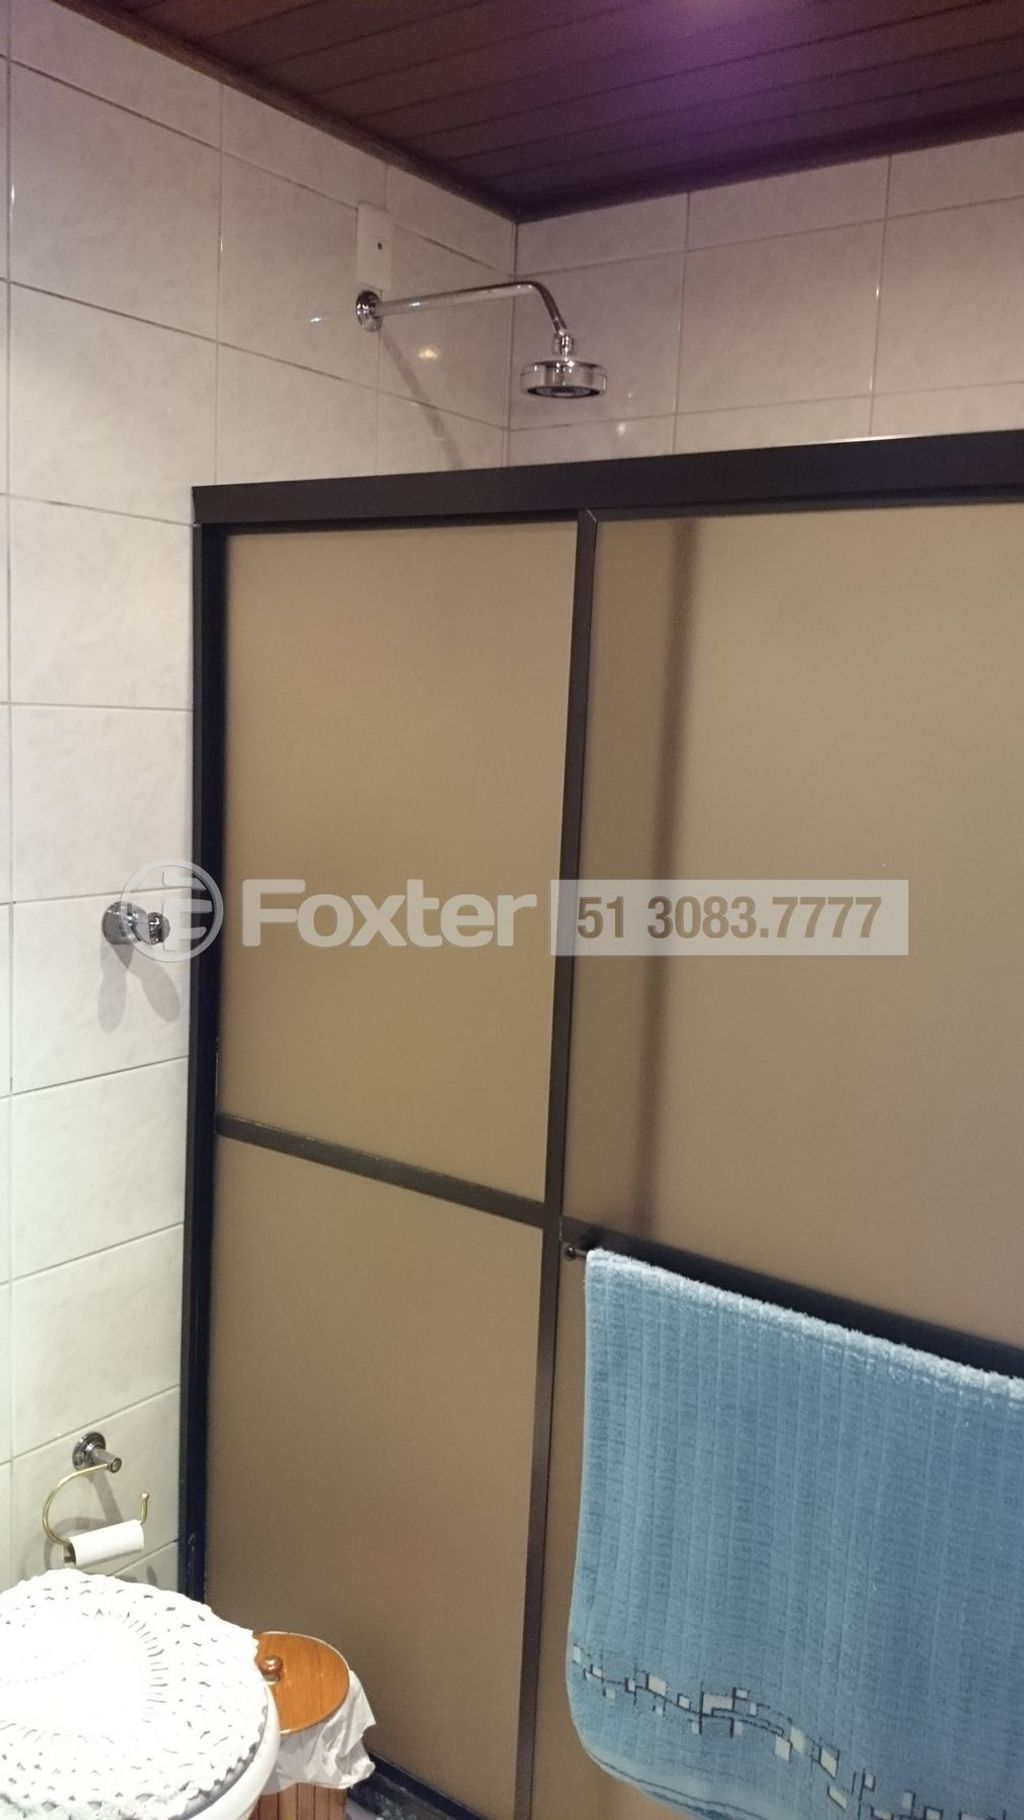 Foxter Imobiliária - Cobertura 3 Dorm (137279) - Foto 6